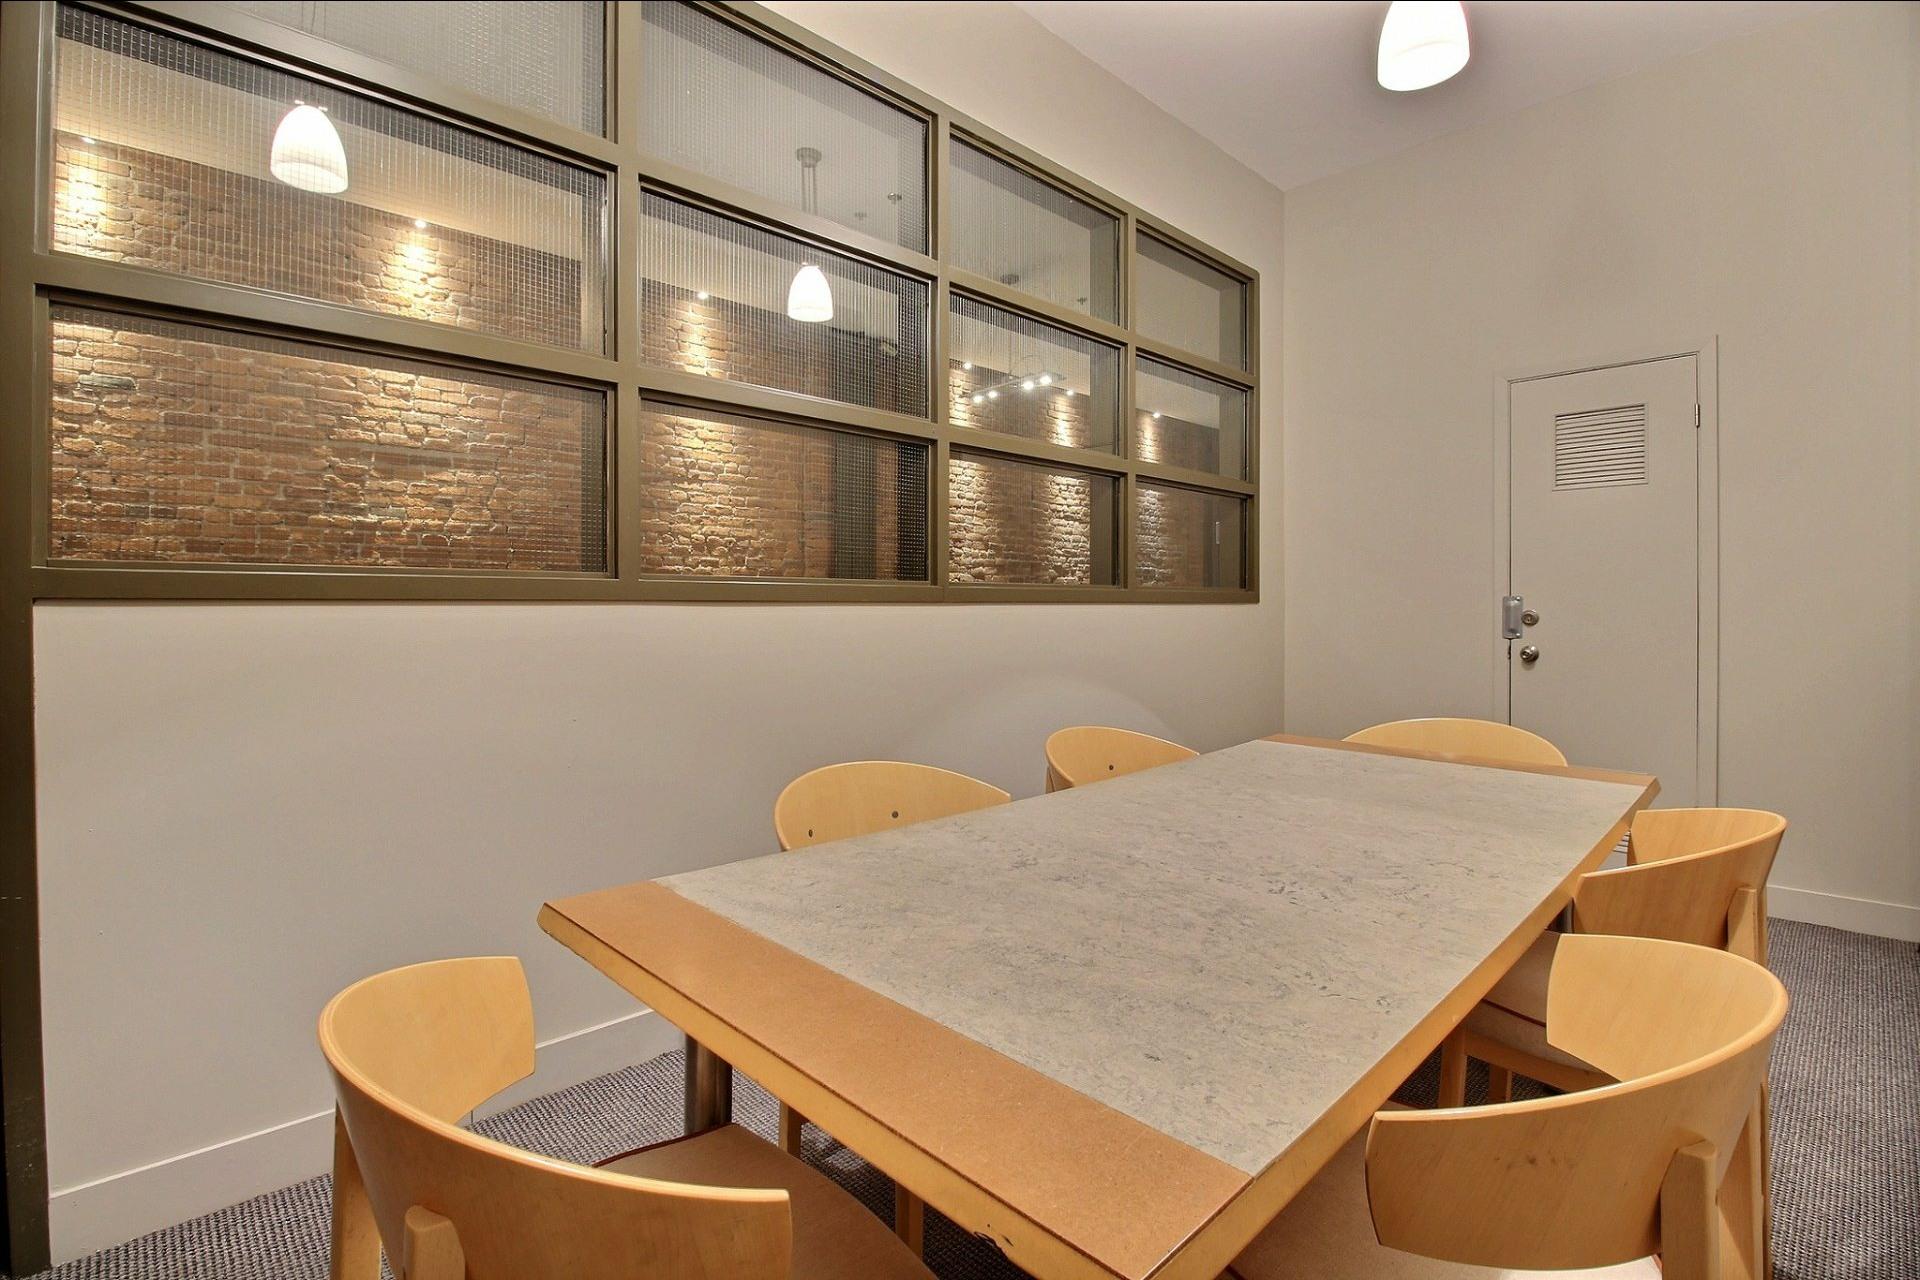 image 14 - Appartement À louer Ville-Marie Montréal  - 4 pièces